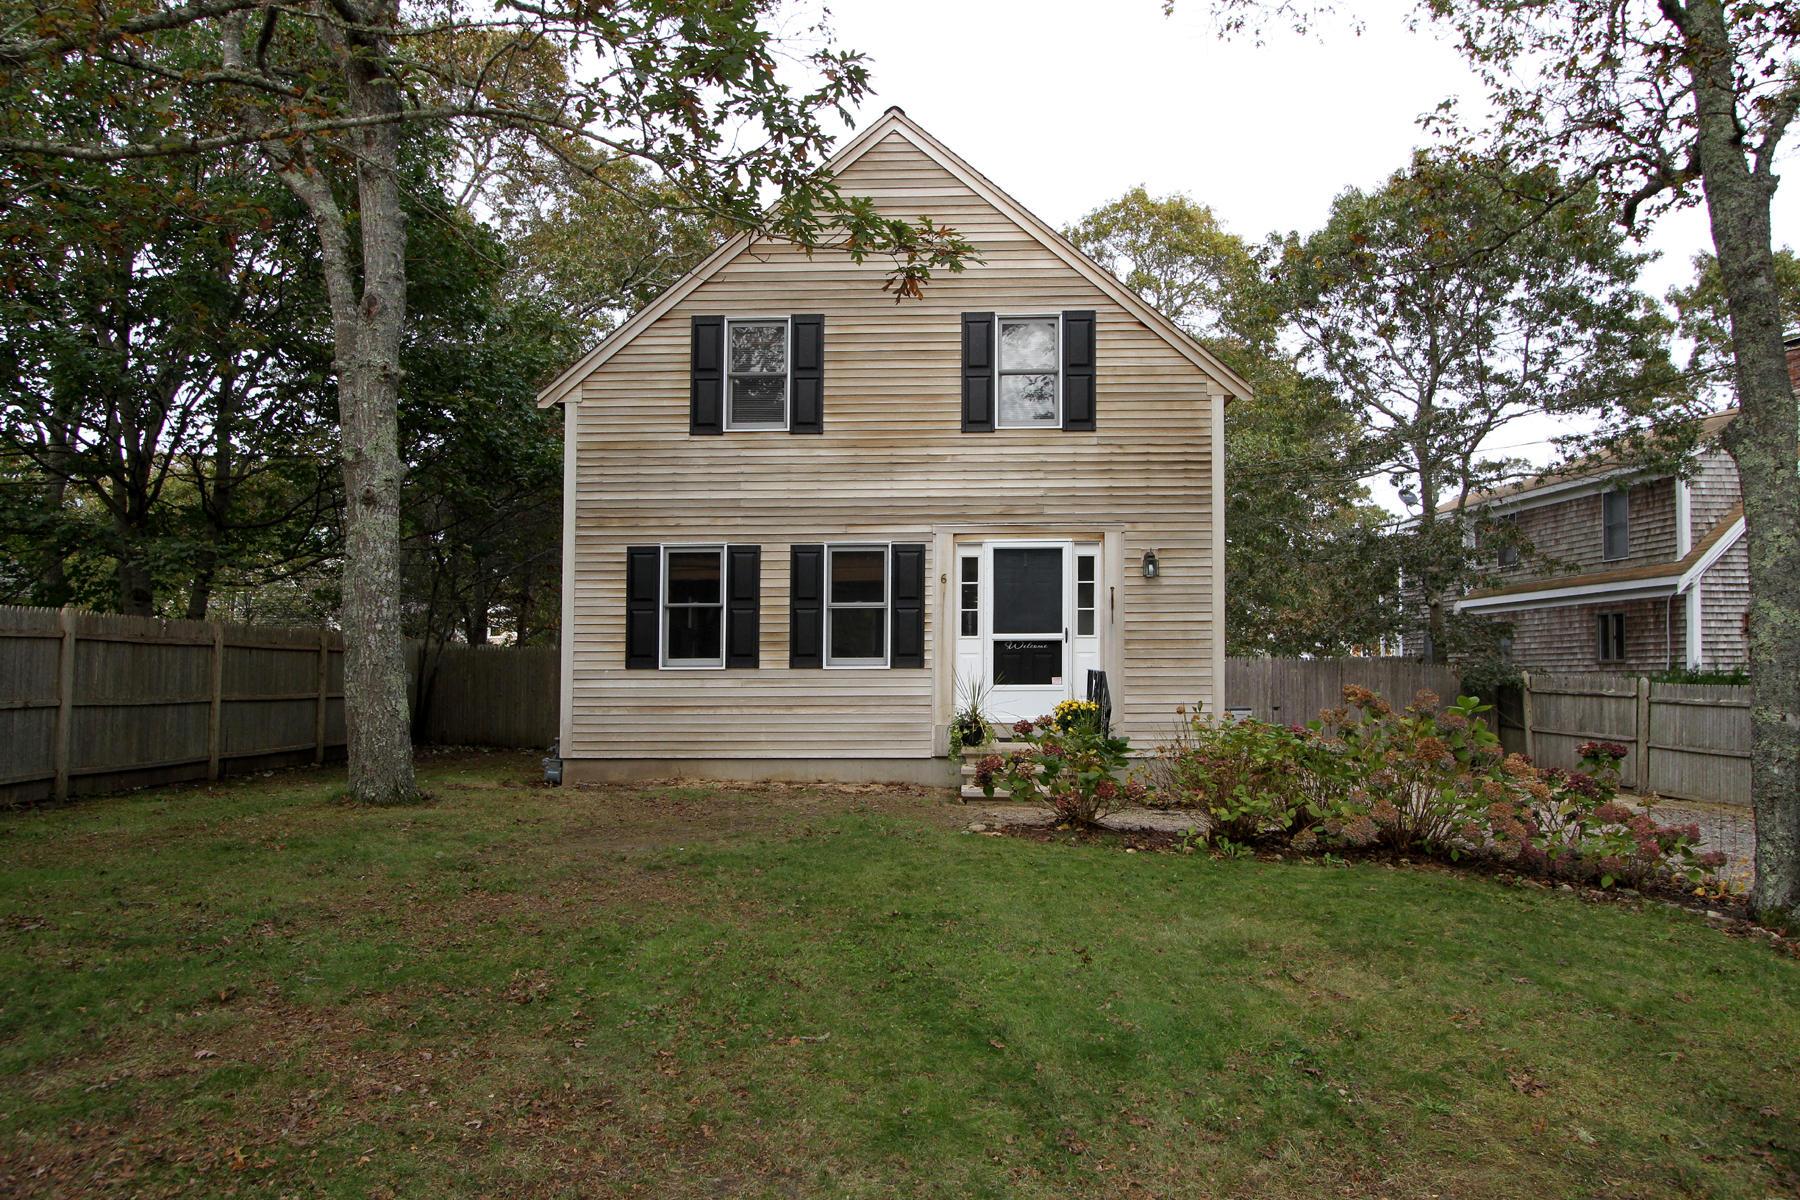 واحد منزل الأسرة للـ Sale في 6 Brothers Lane, Harwich, MA Harwich, Massachusetts, 02645 United States